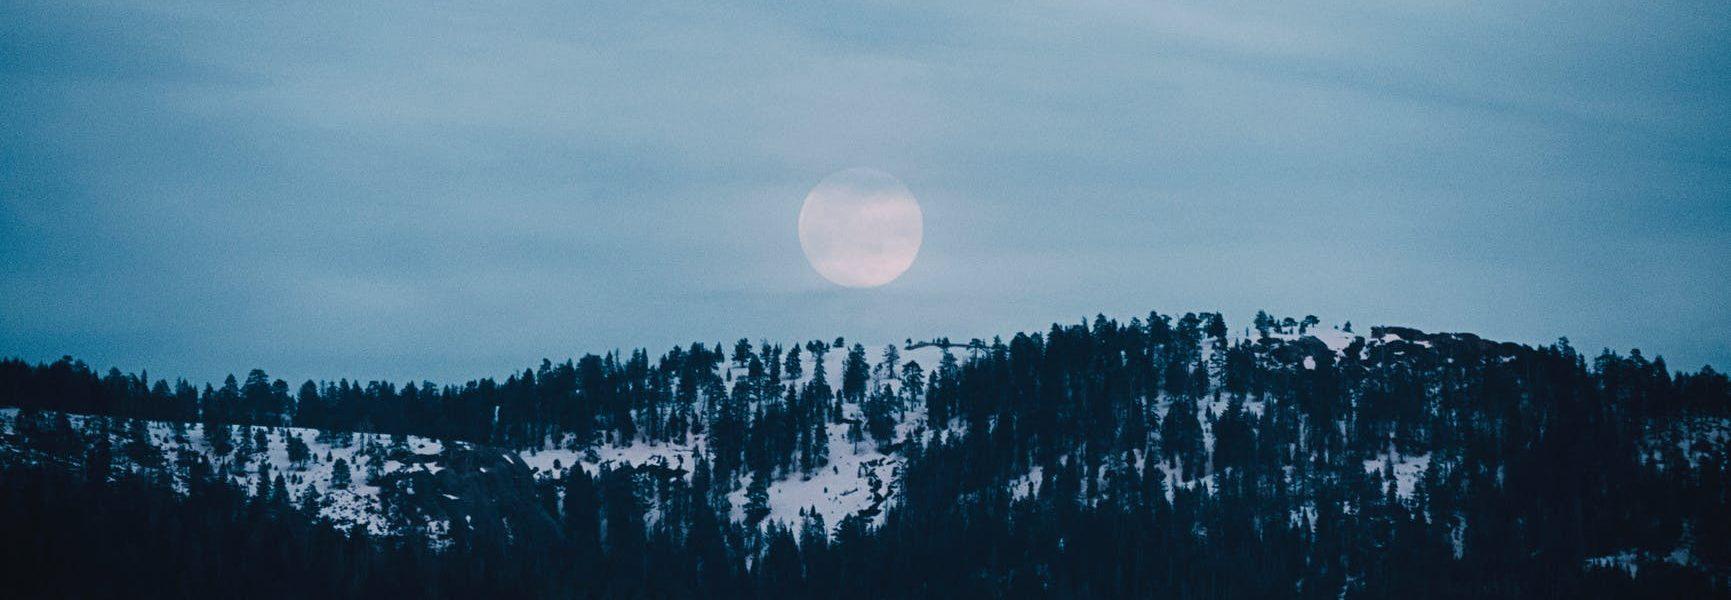 Pun Mjesec u Raku i pomrčina 10.01.: Sve opcije su moguće – od genijalnih rješenja do živčanog sloma!